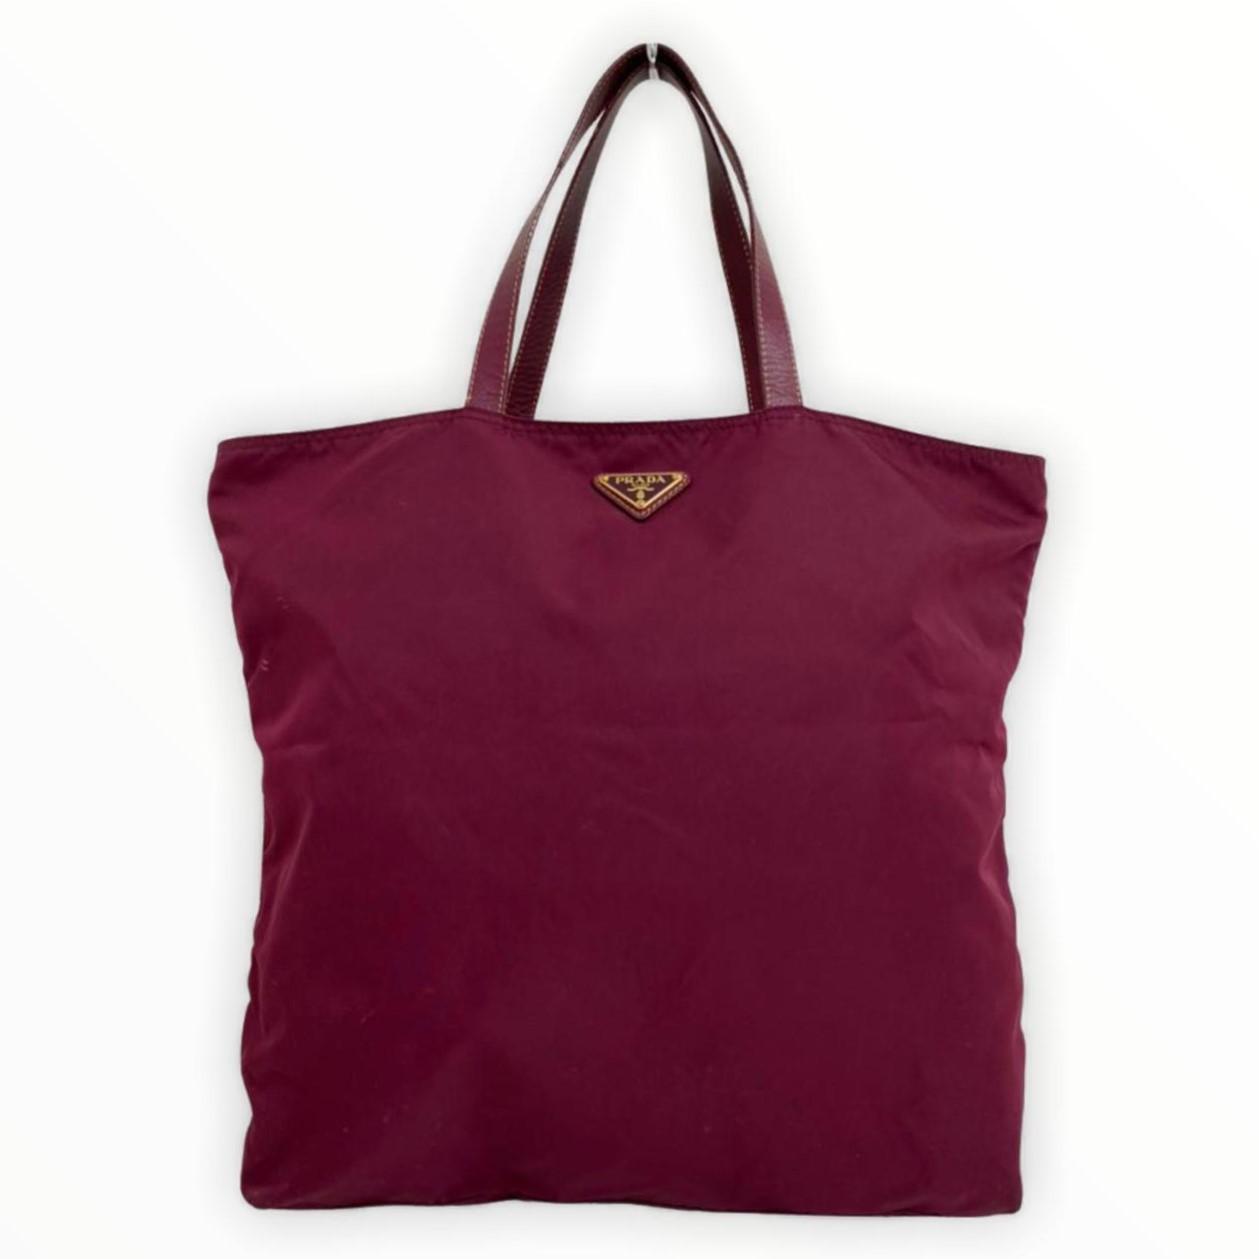 Bolsa Prada Fashion Doll Purple Nylon